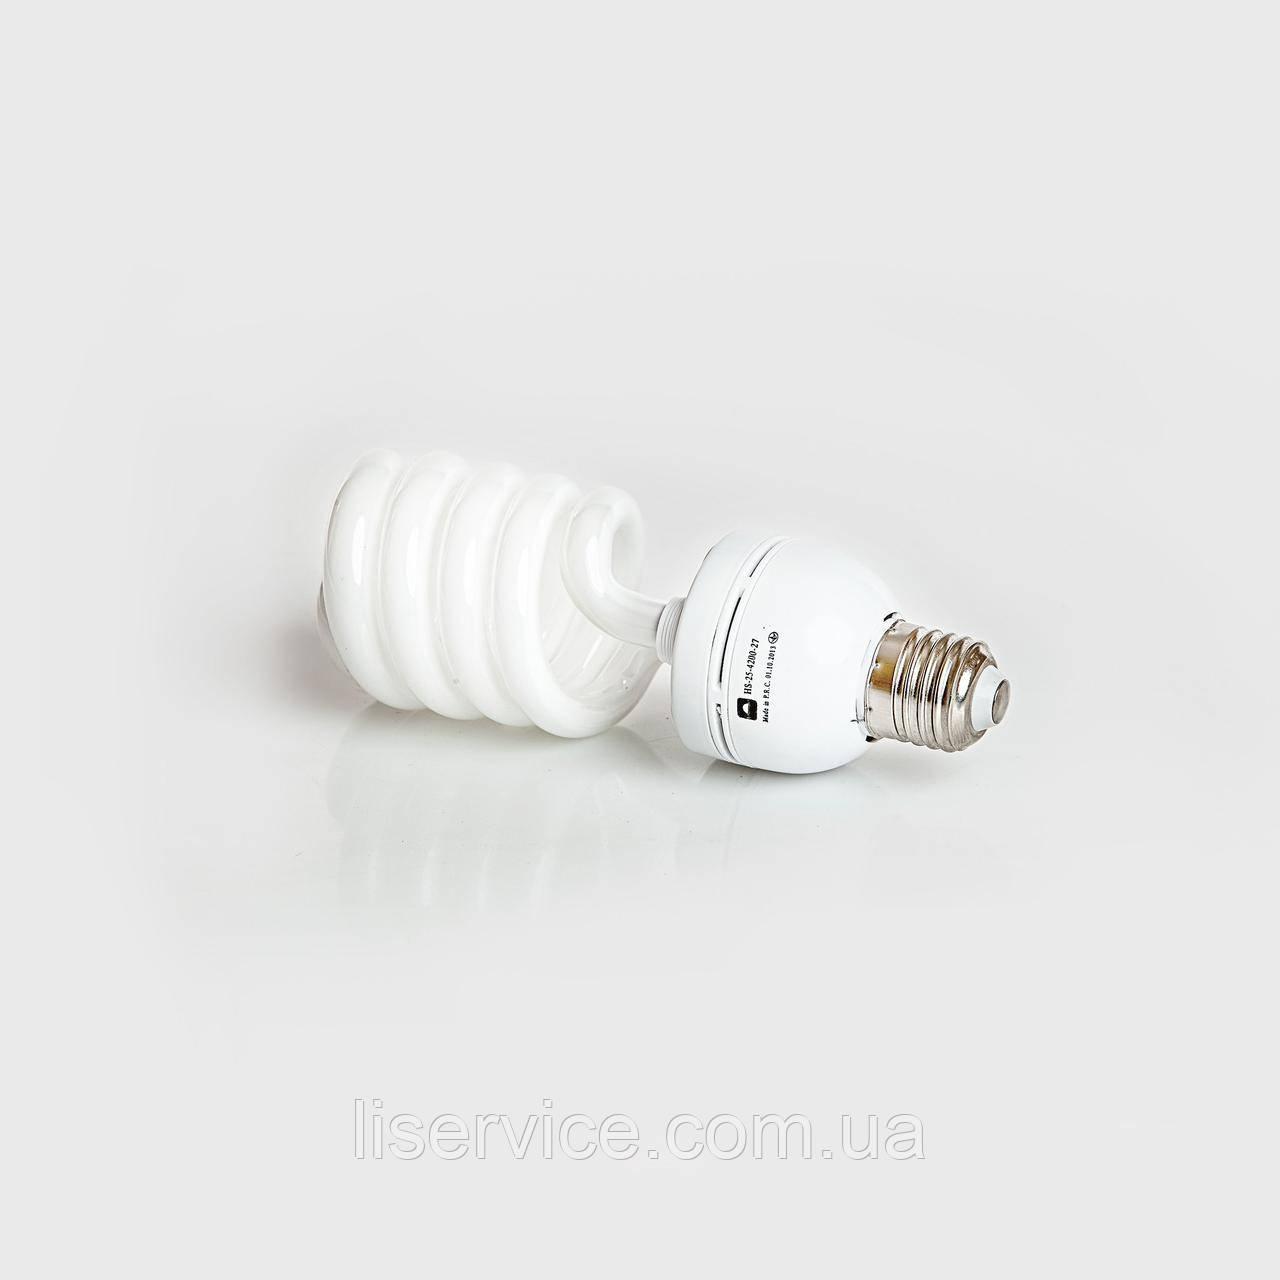 Лампа энергосберегающая Евросвет HS-25-4200-27 220-240 (Х)